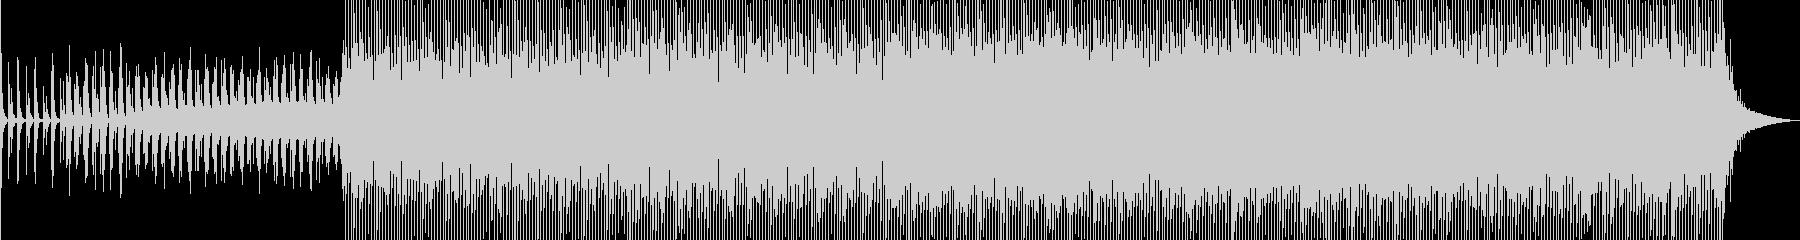 明るく優しいハウスミュージック_aの未再生の波形